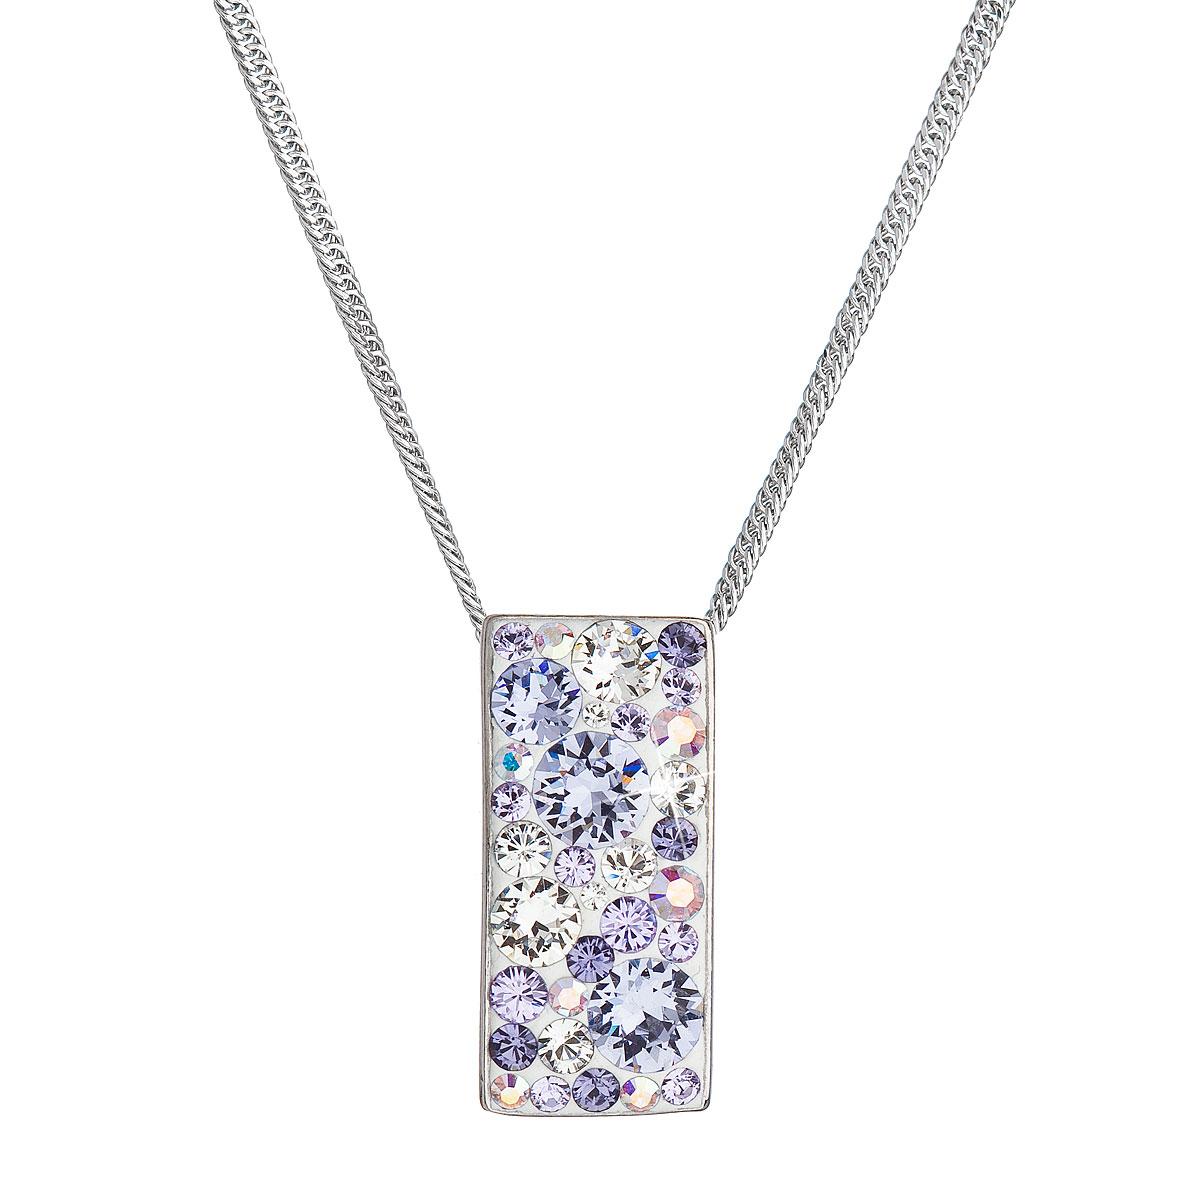 Strieborný náhrdelník so Swarovski kryštálmi fialový obdĺžnik 32074.3 violet